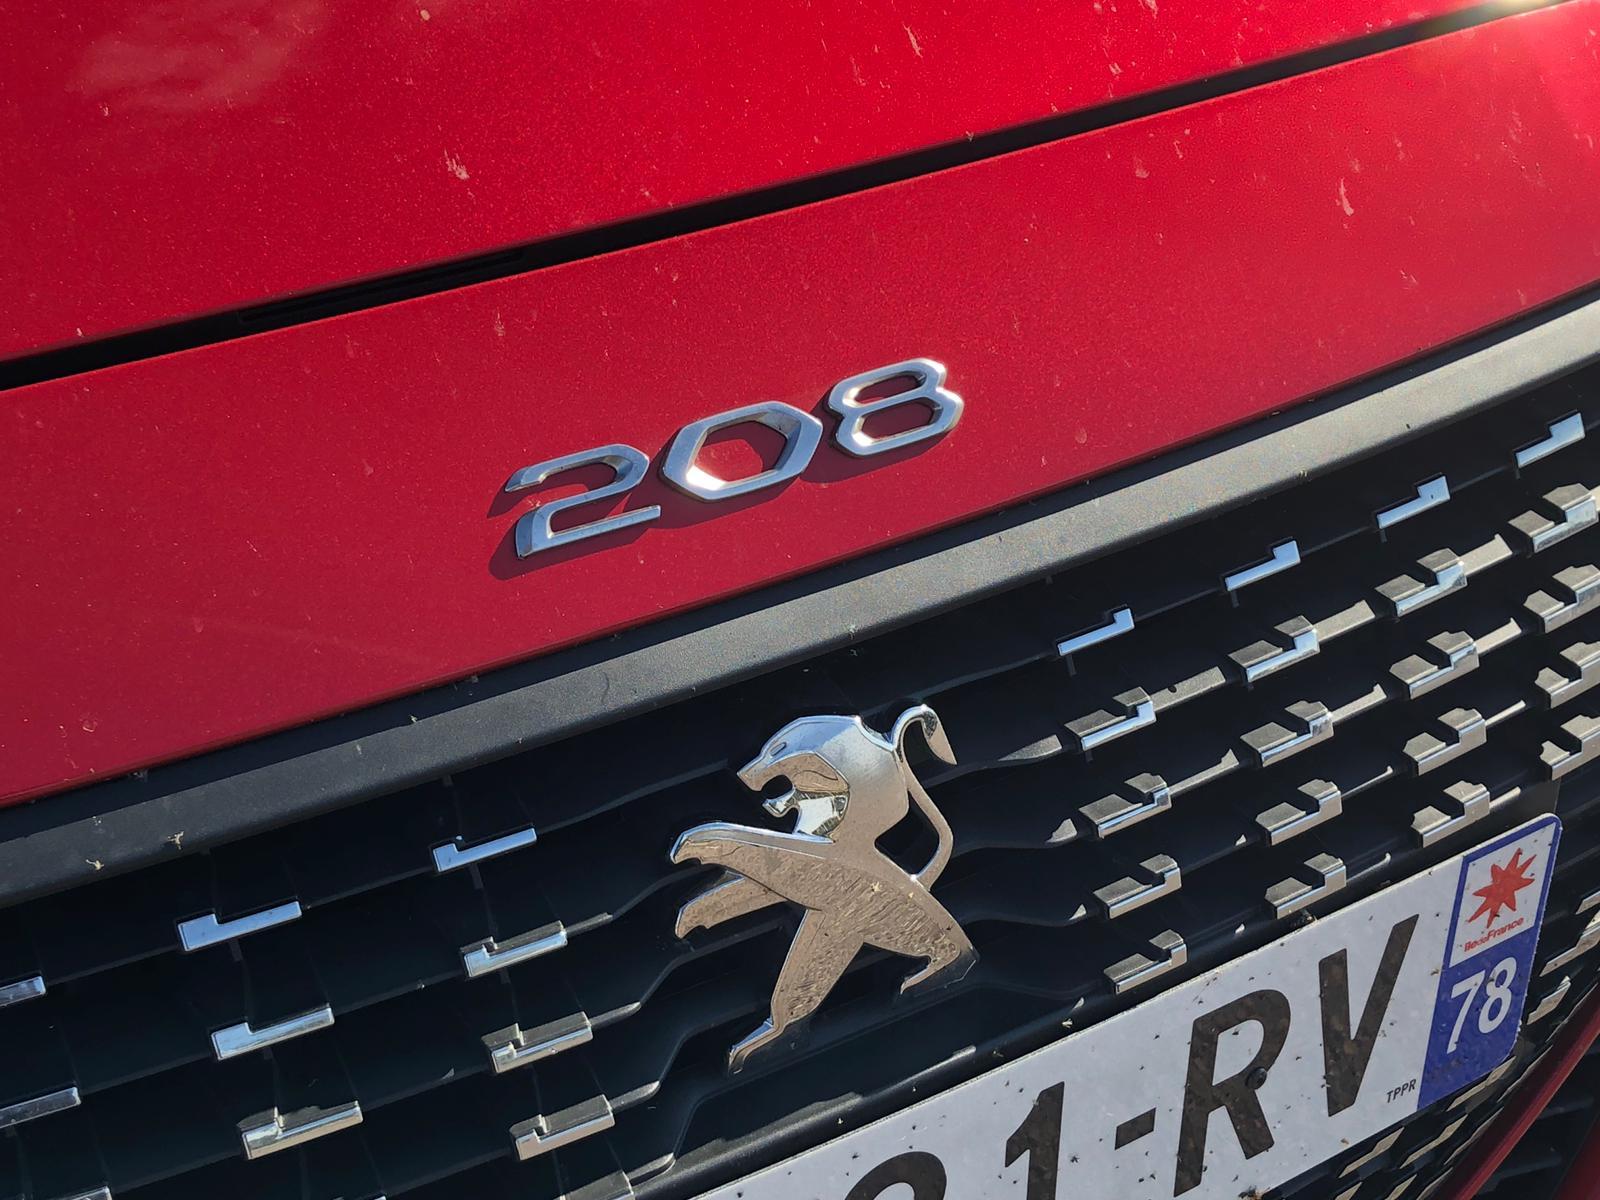 2019 - [Opel] Corsa F [P2JO] - Page 14 IMG-20190719-WA0001